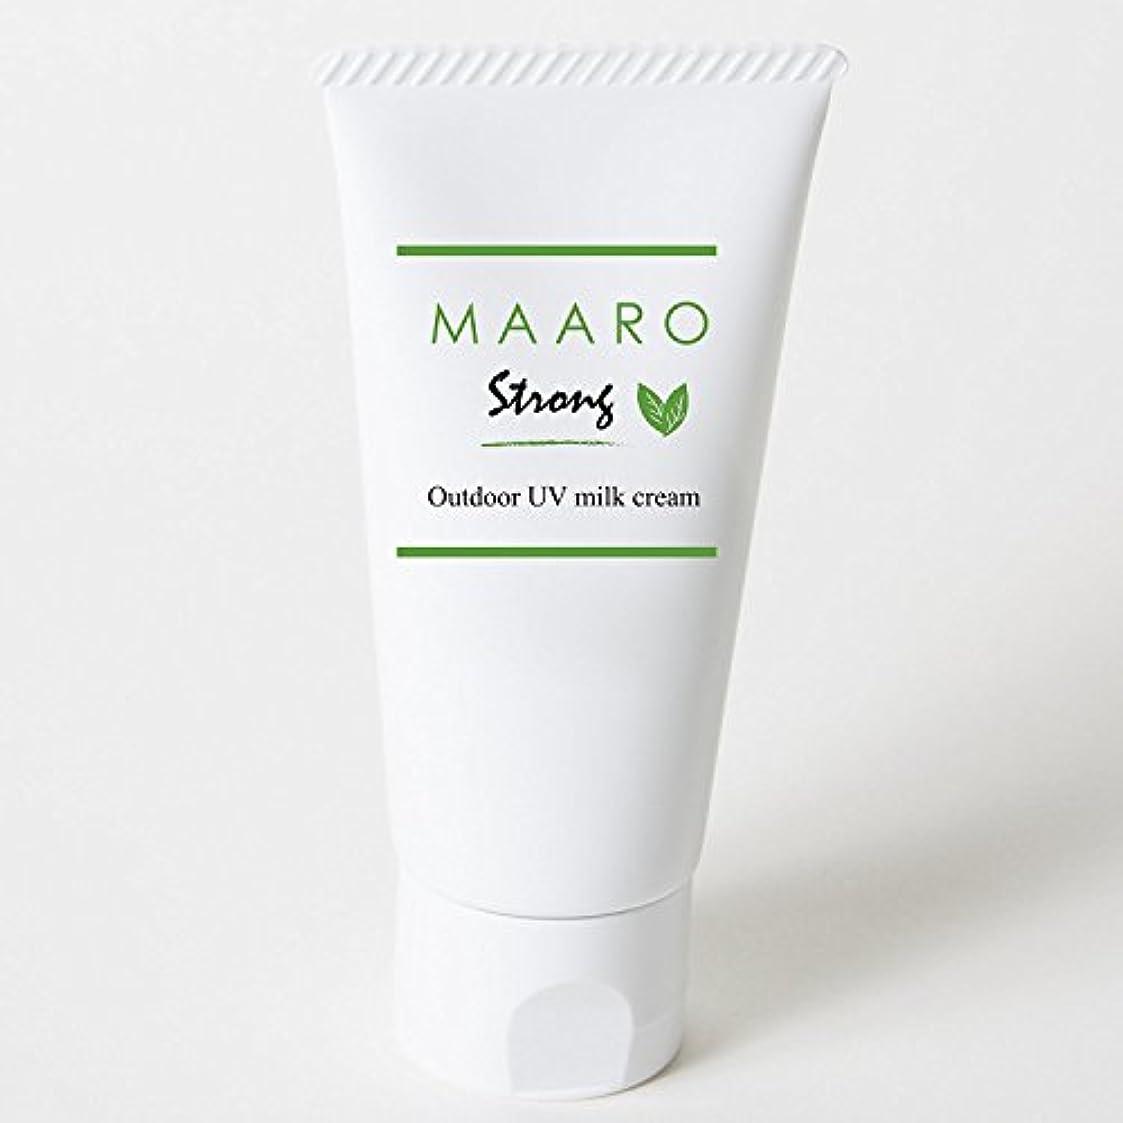 側面おめでとう噂MAARO Strong(マアロストロング)アロマミルククリーム SPF30、PA+++ 60ml